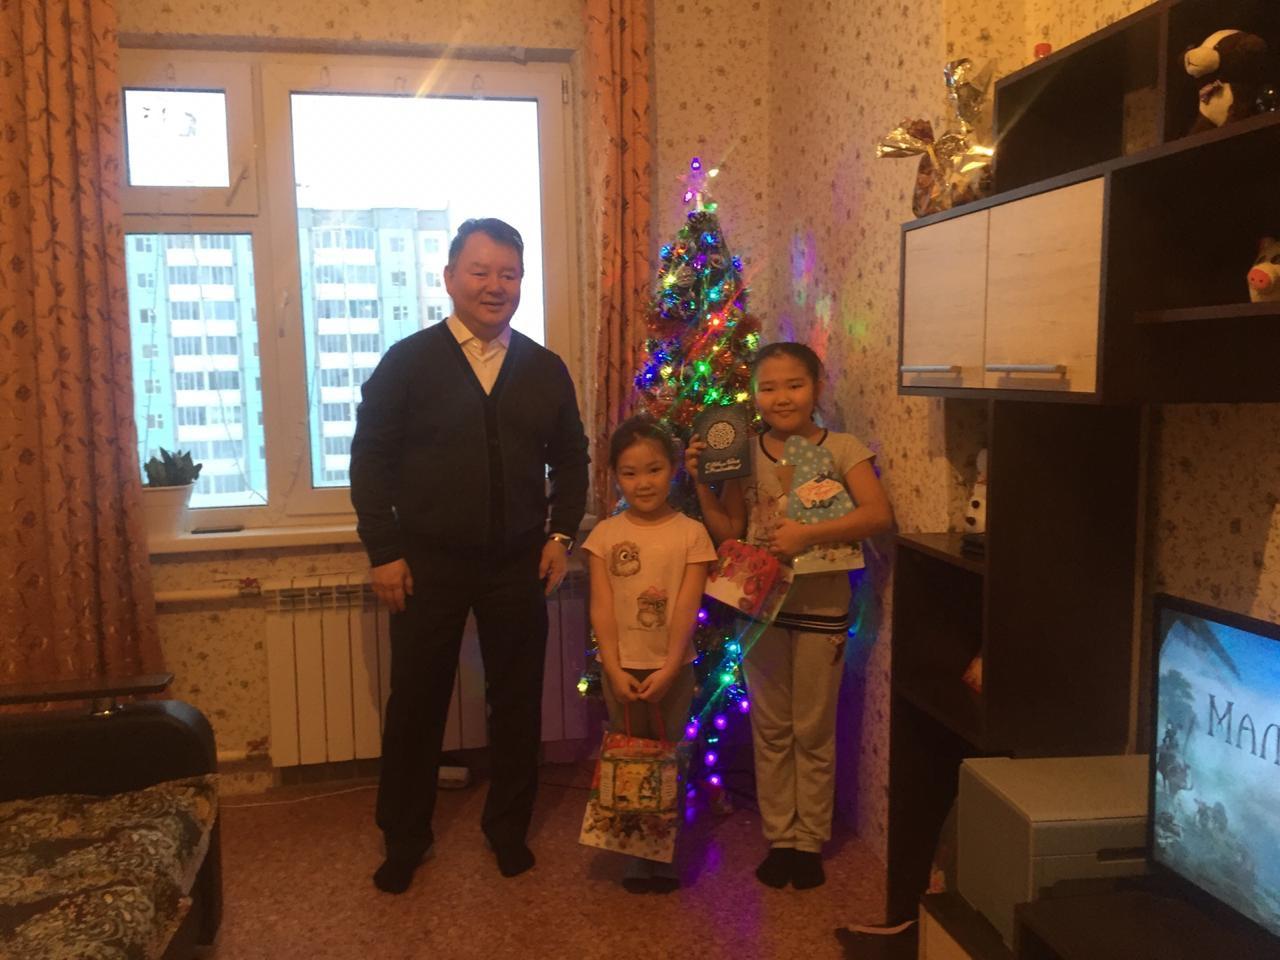 Алексей Стручков поздравил с наступающим Новым годом семью Федоровых